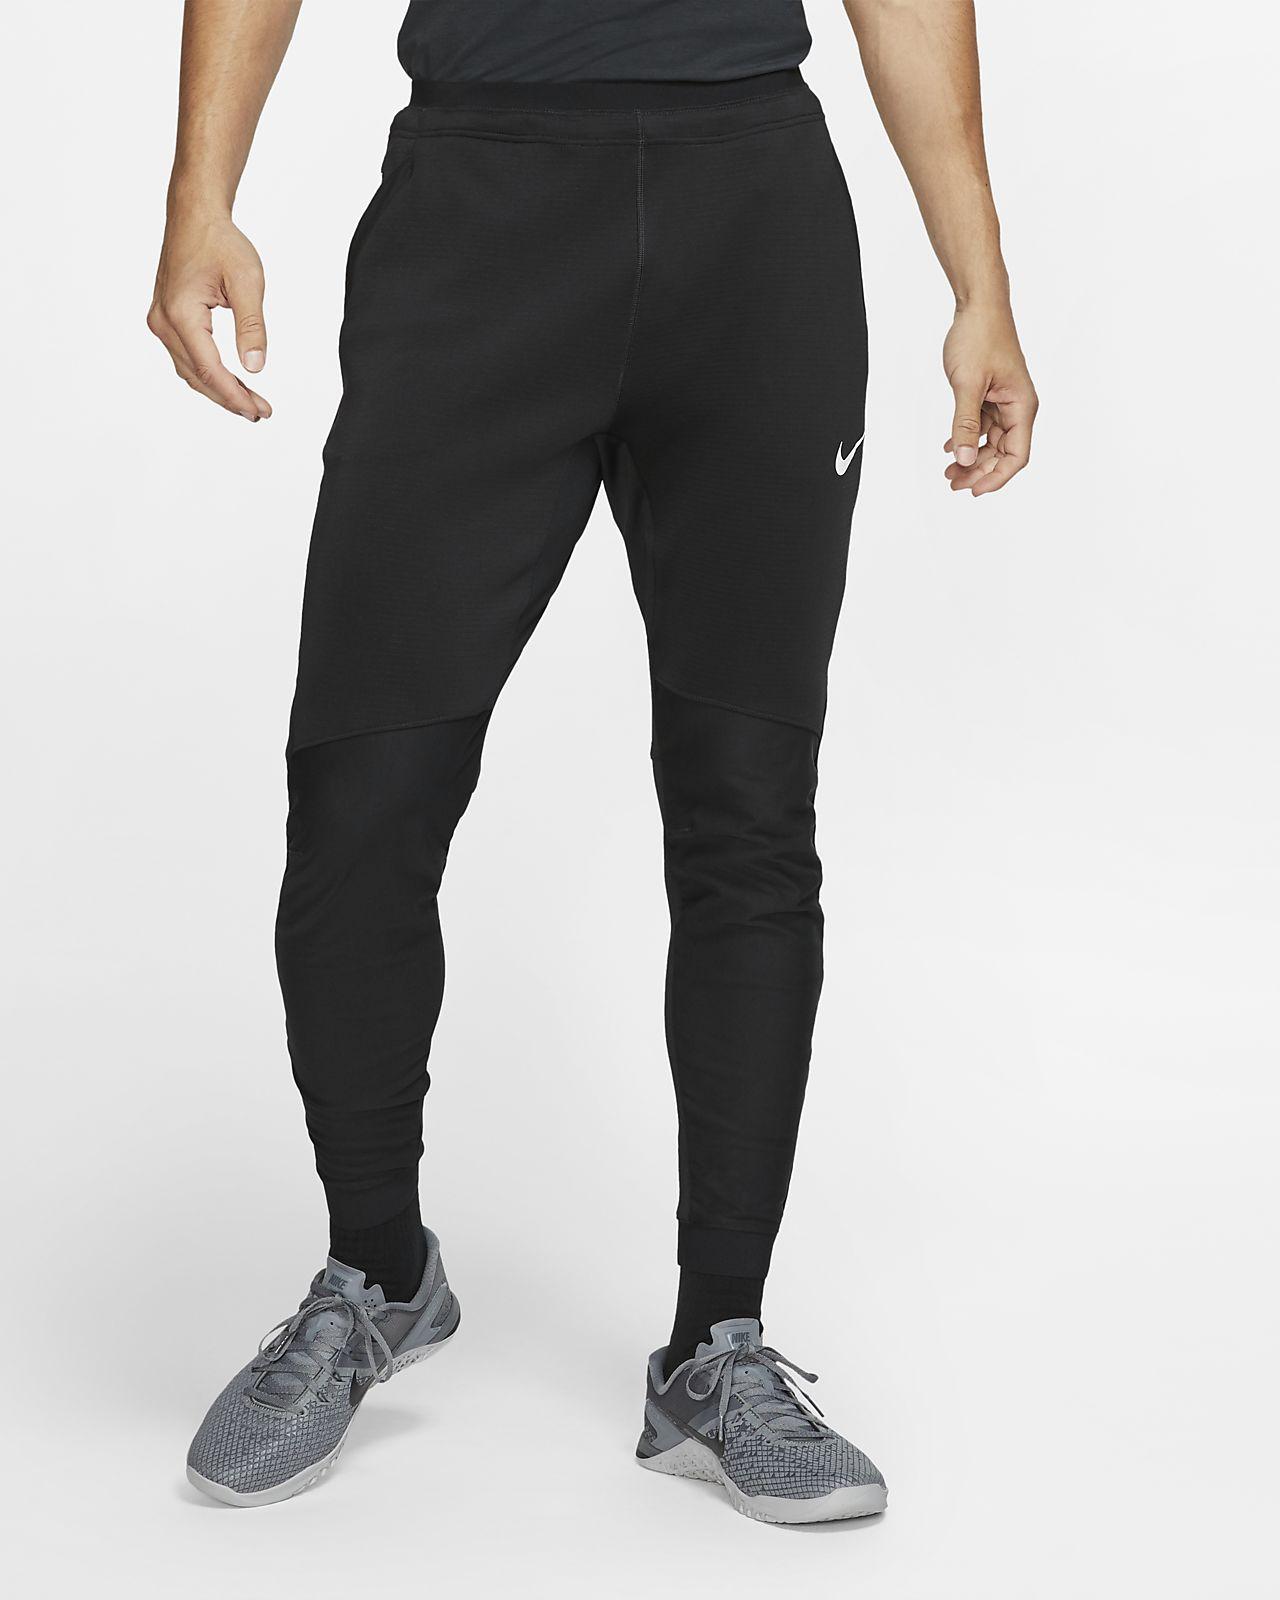 Spodnie męskie Nike Pro